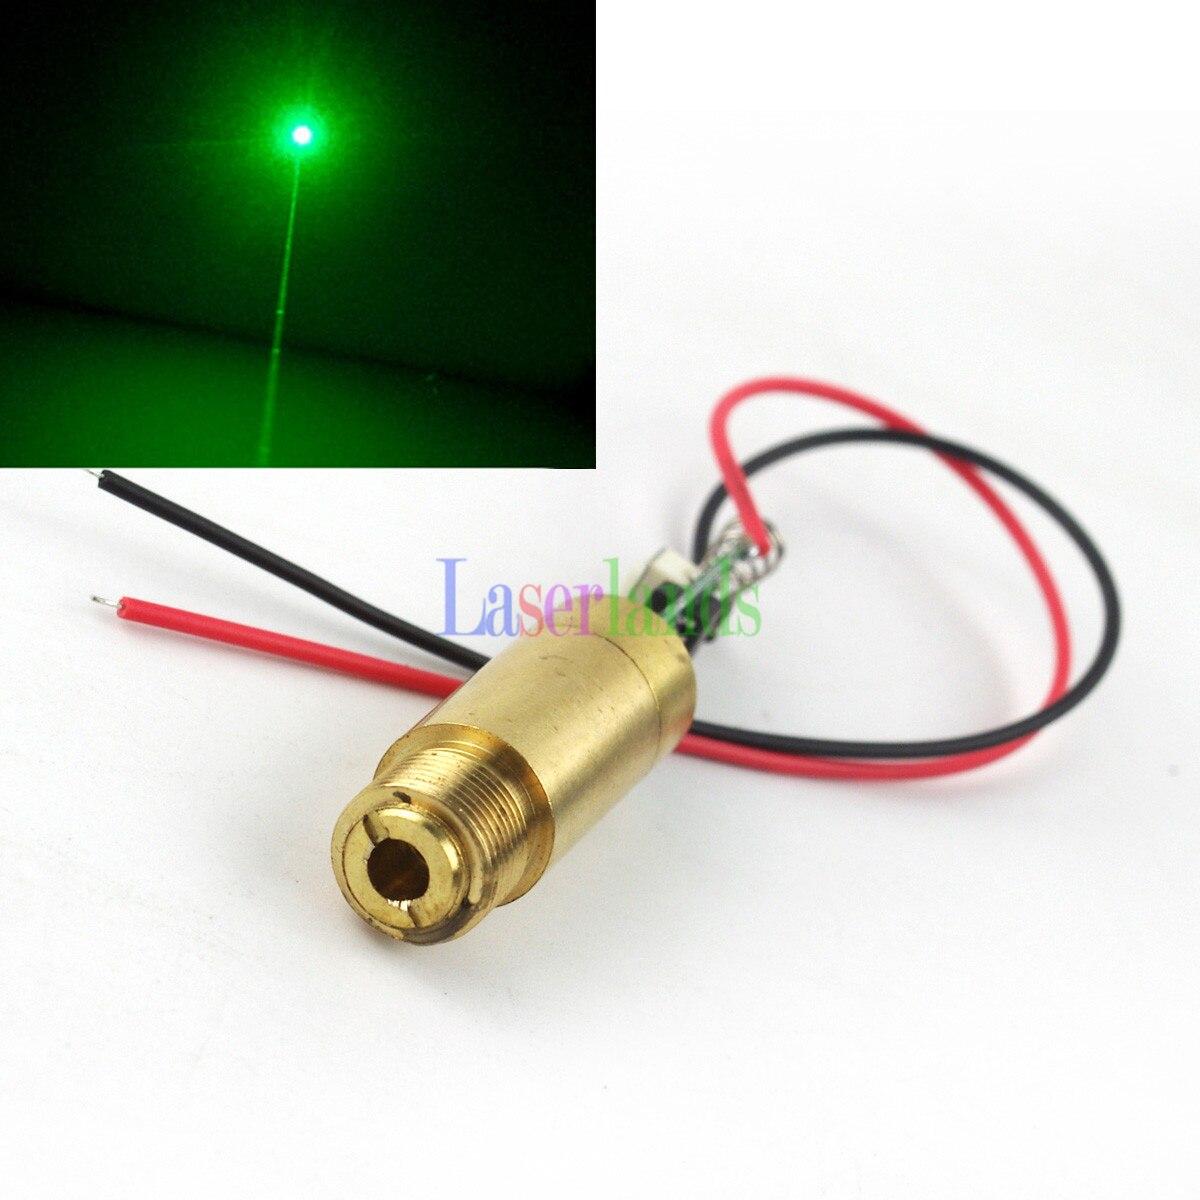 Dia.12mm APC 3.0-3.7V 532nm Green Laser 30mW-50mW 200mW DOT Laser Diode Module